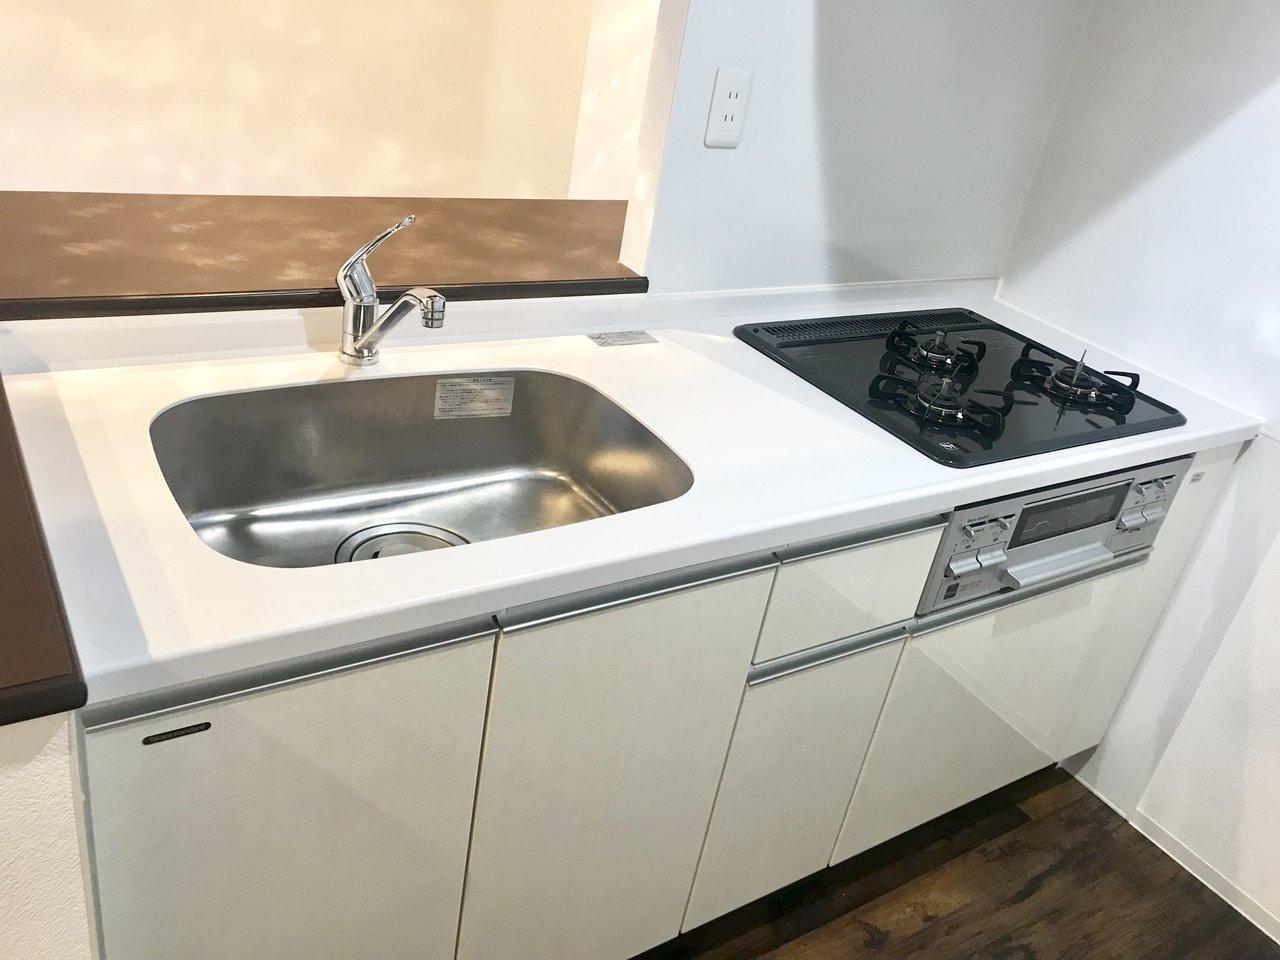 キッチンの中はこんな感じ。3口コンロに、グリル付き。さらに後ろを振り返ると、作業スペースと収納棚もあって、かなり便利です。